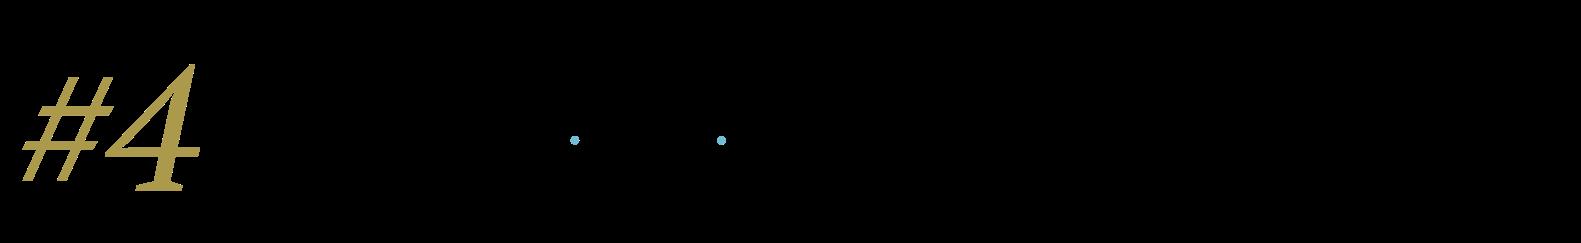 destinos em alta 2018 georgia